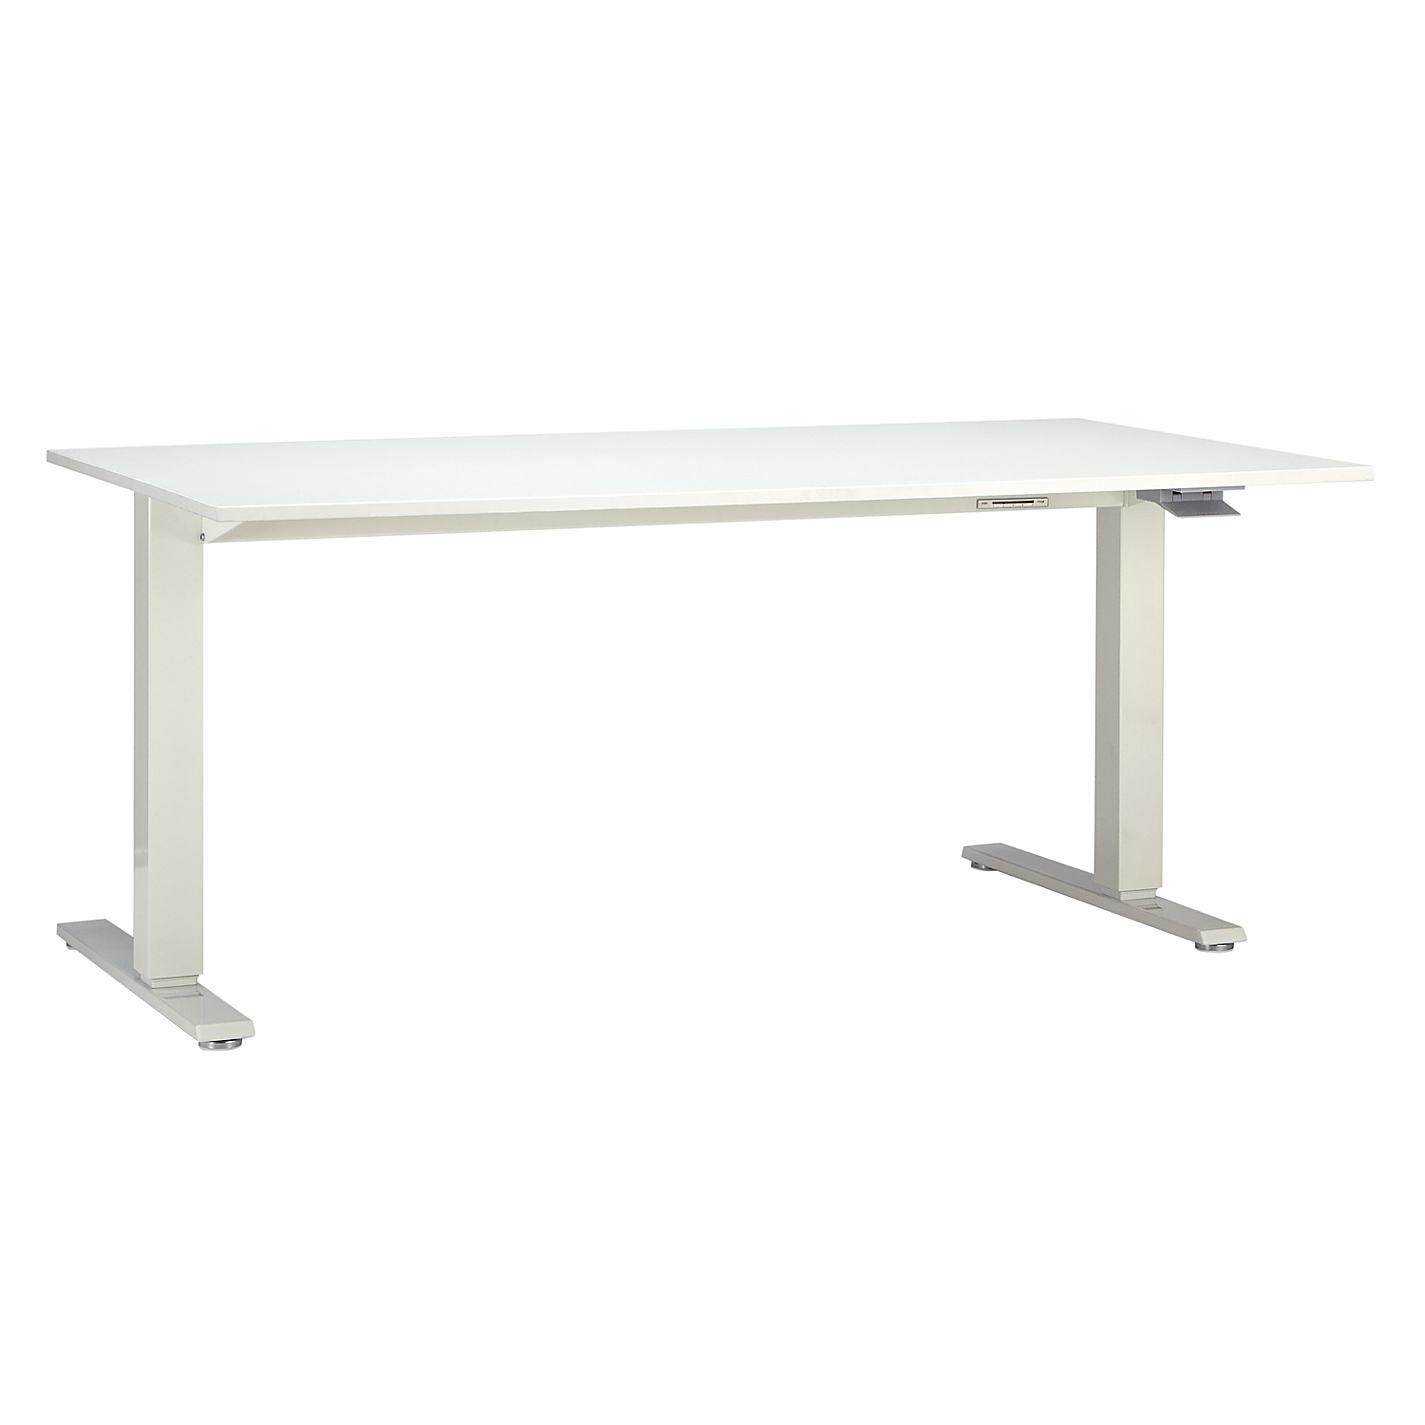 Buy Humanscale Float Height Adjustable Desk Online at johnlewis.com ...